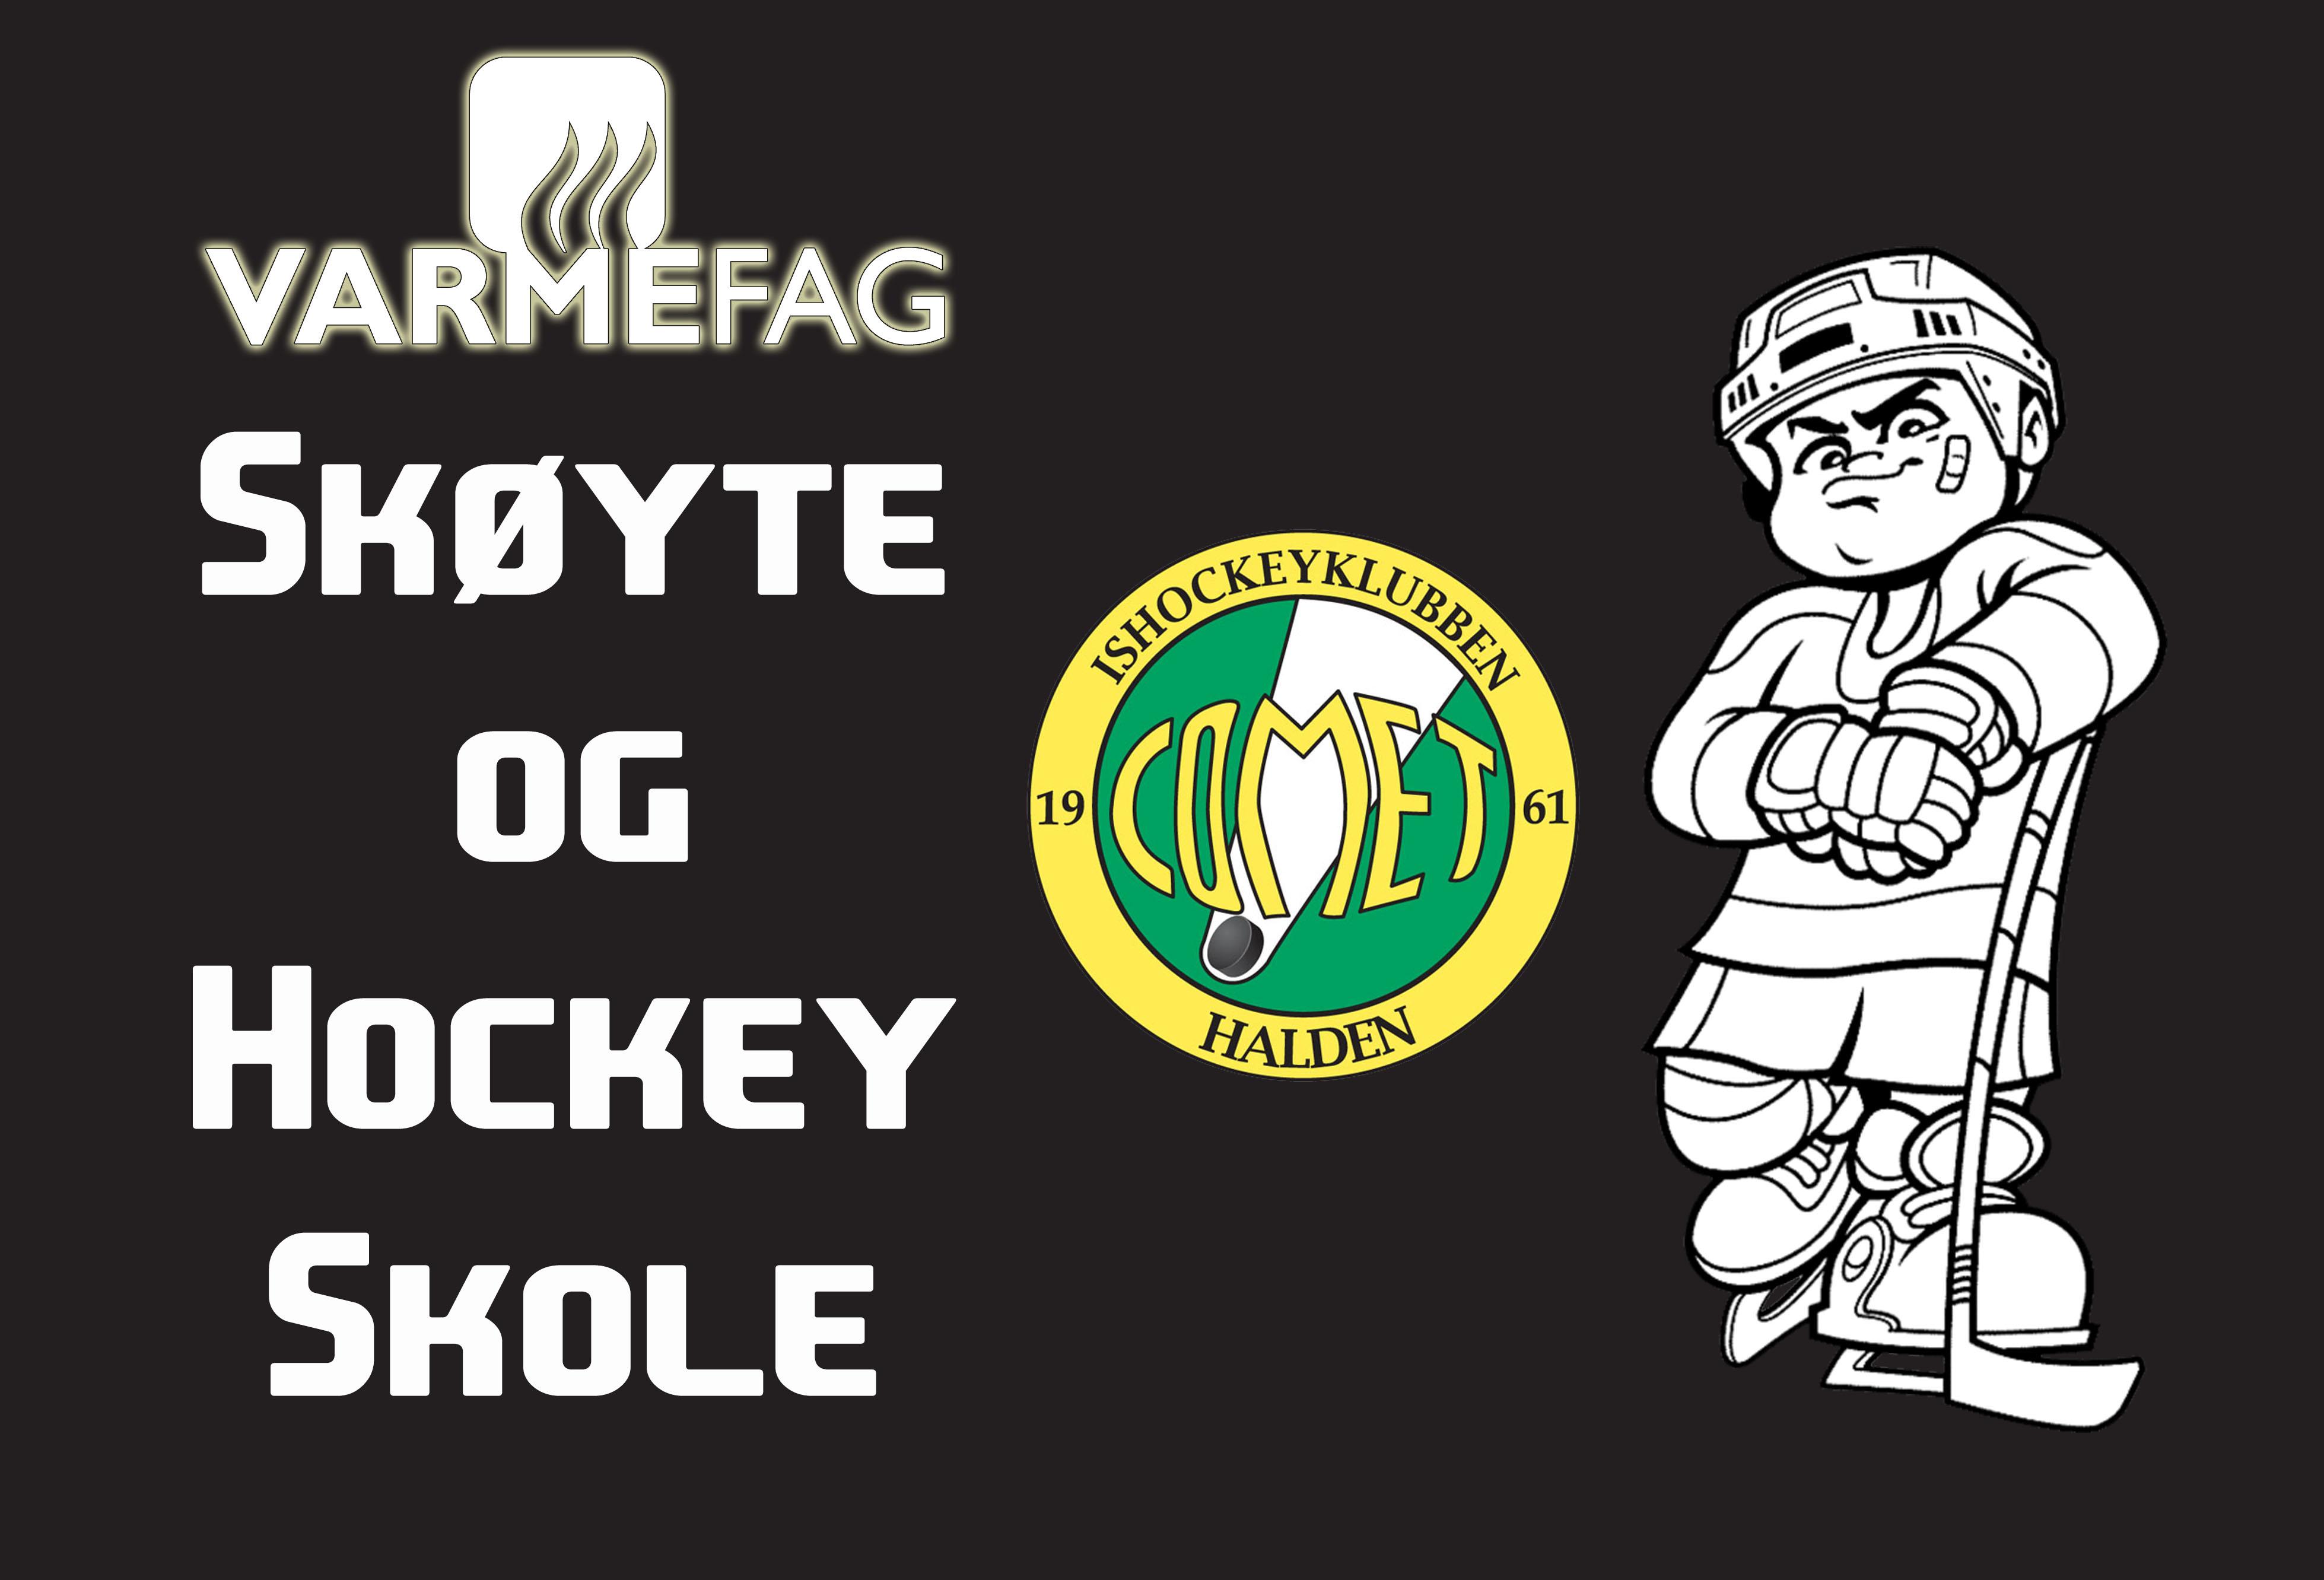 hockeyskole-logo